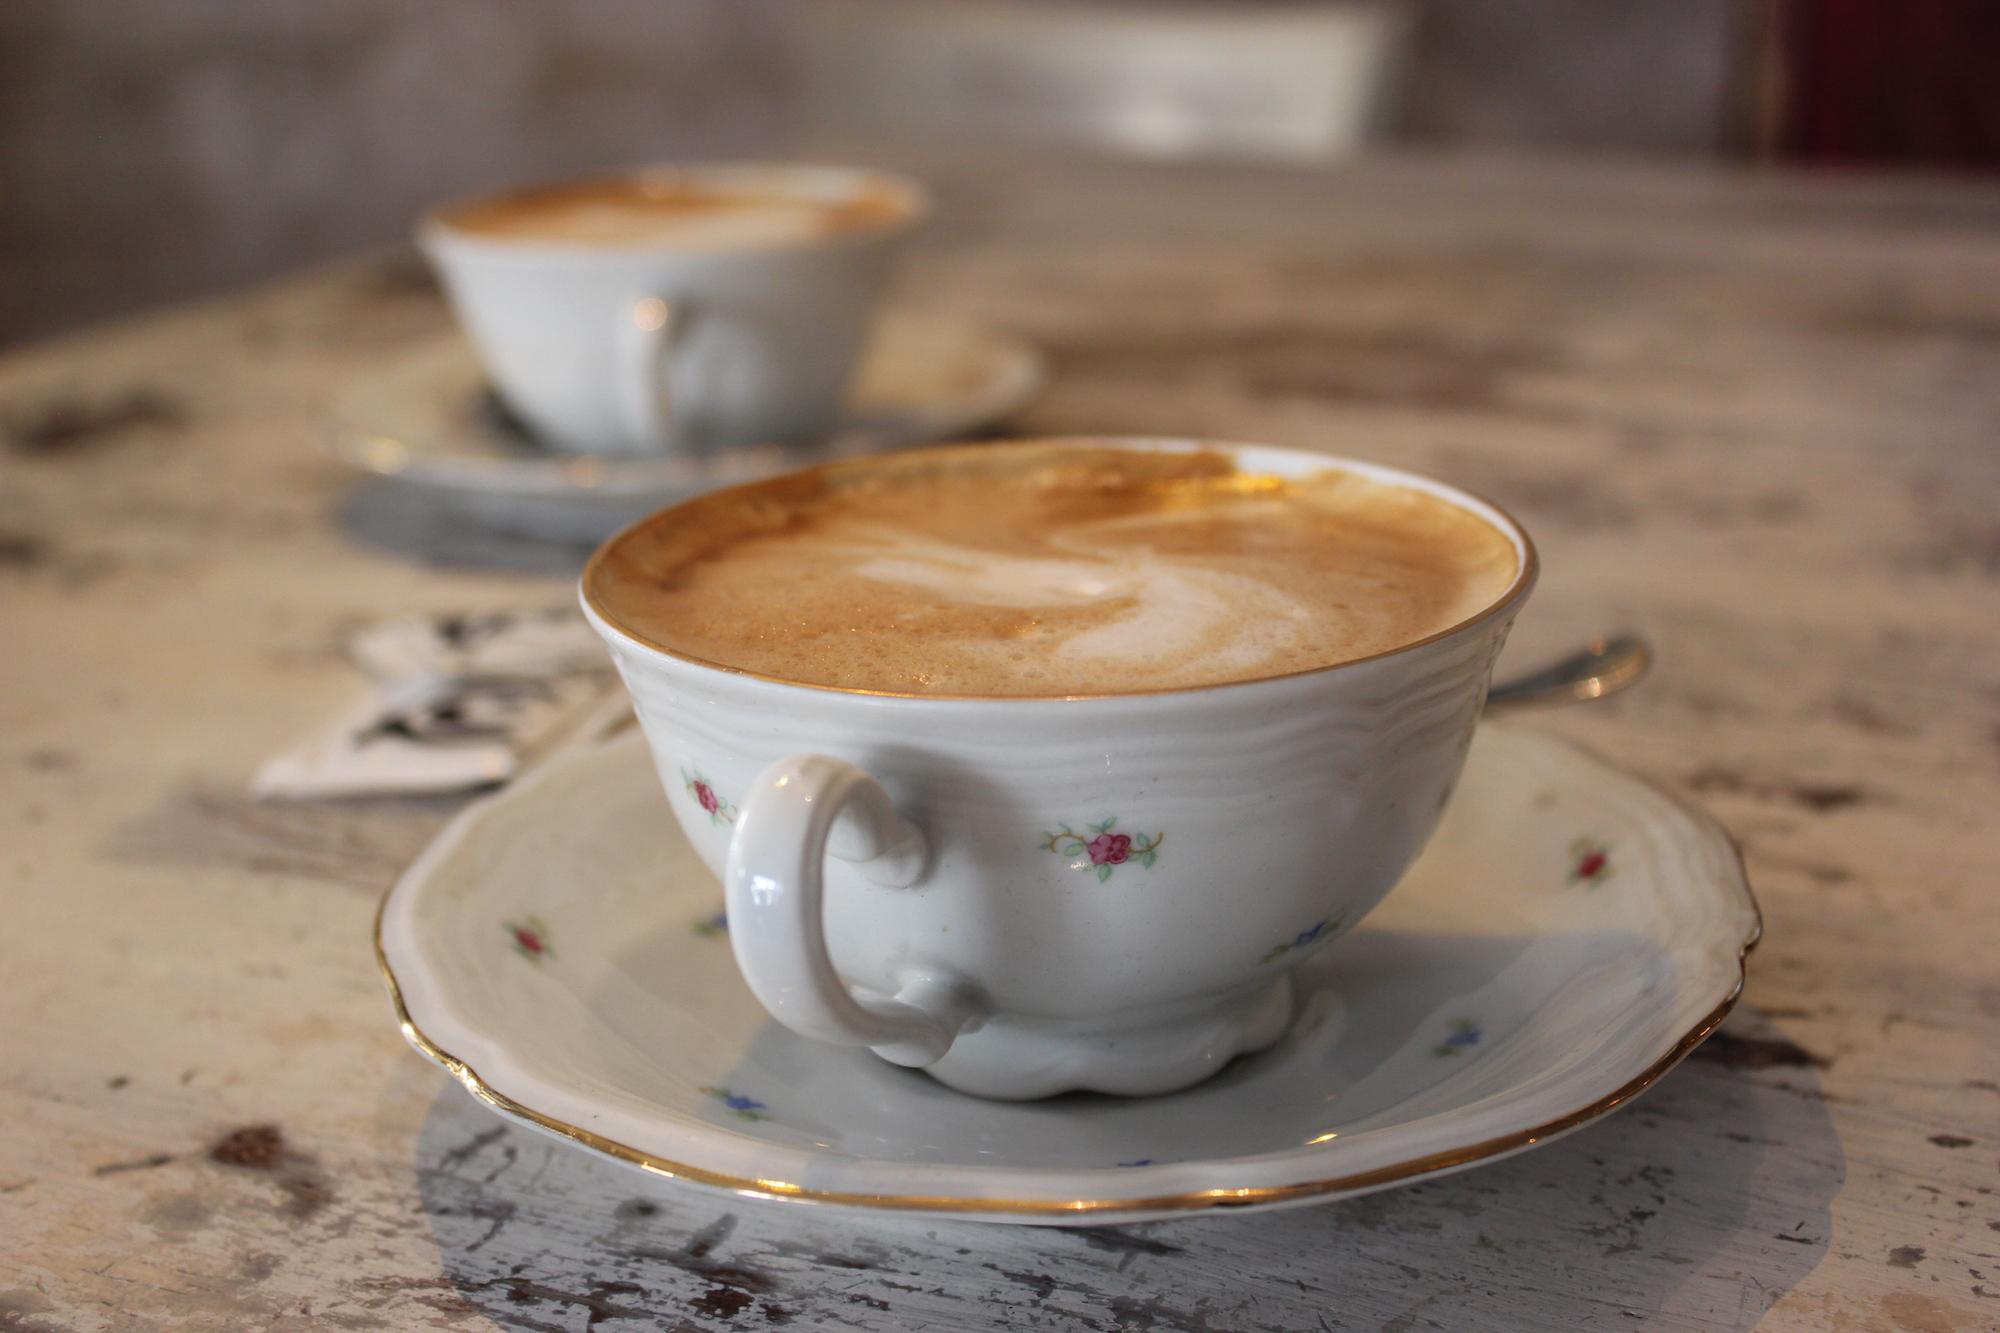 Kaffee: für ein langes gesundes Leben